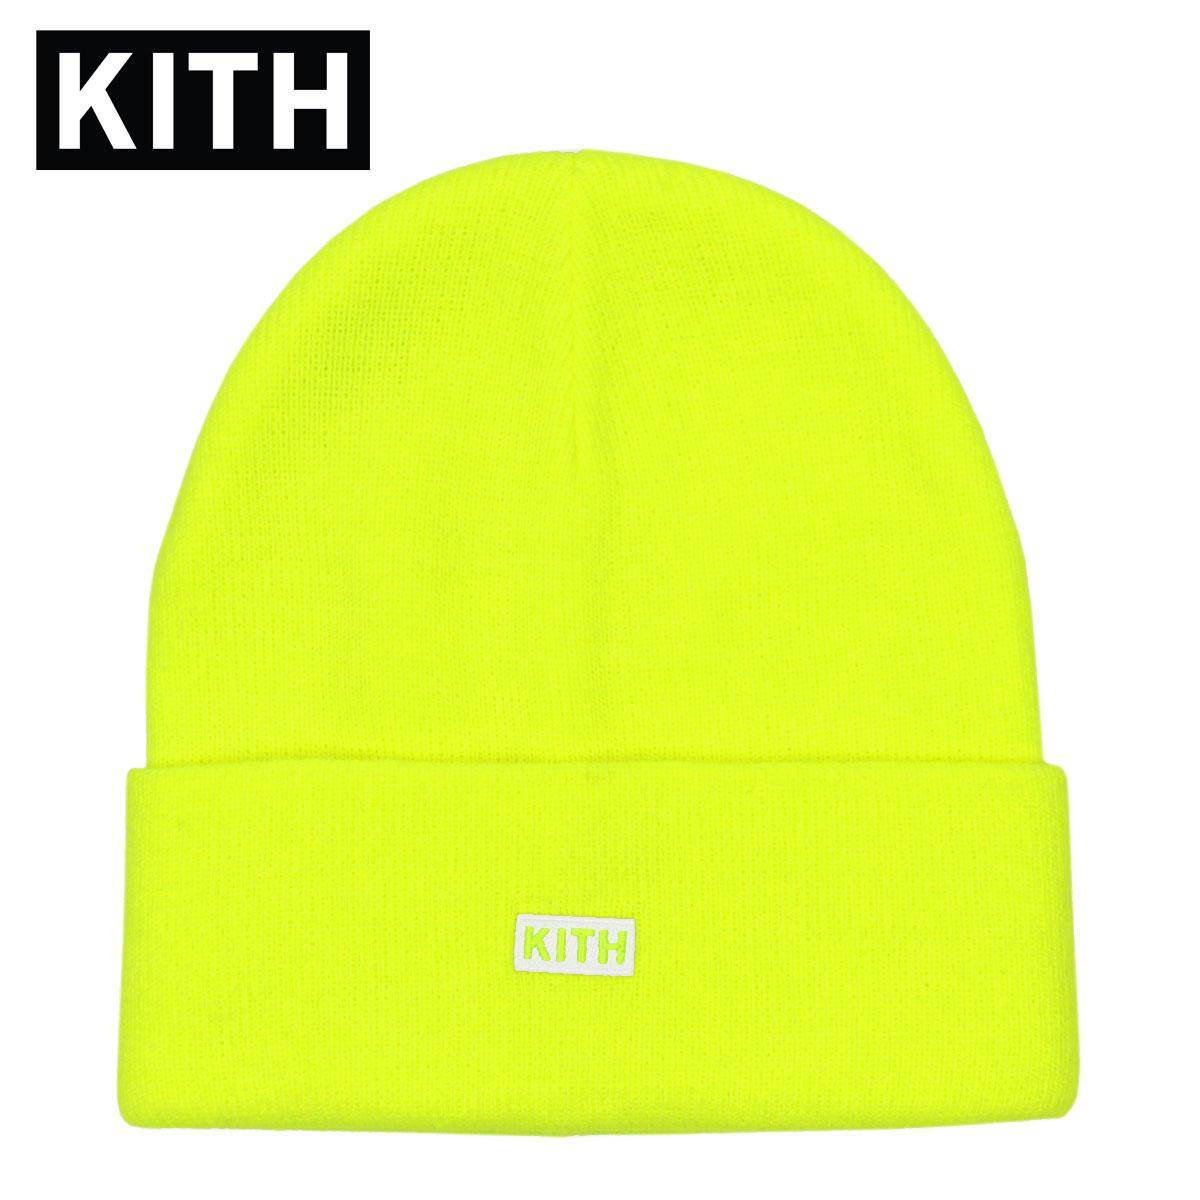 キス キャップ メンズ レディース 正規品 KITH 帽子 ビーニー ニットキャップ KITH CLASSIC DOCK BEANIE KH5031-112 CITRON 父の日